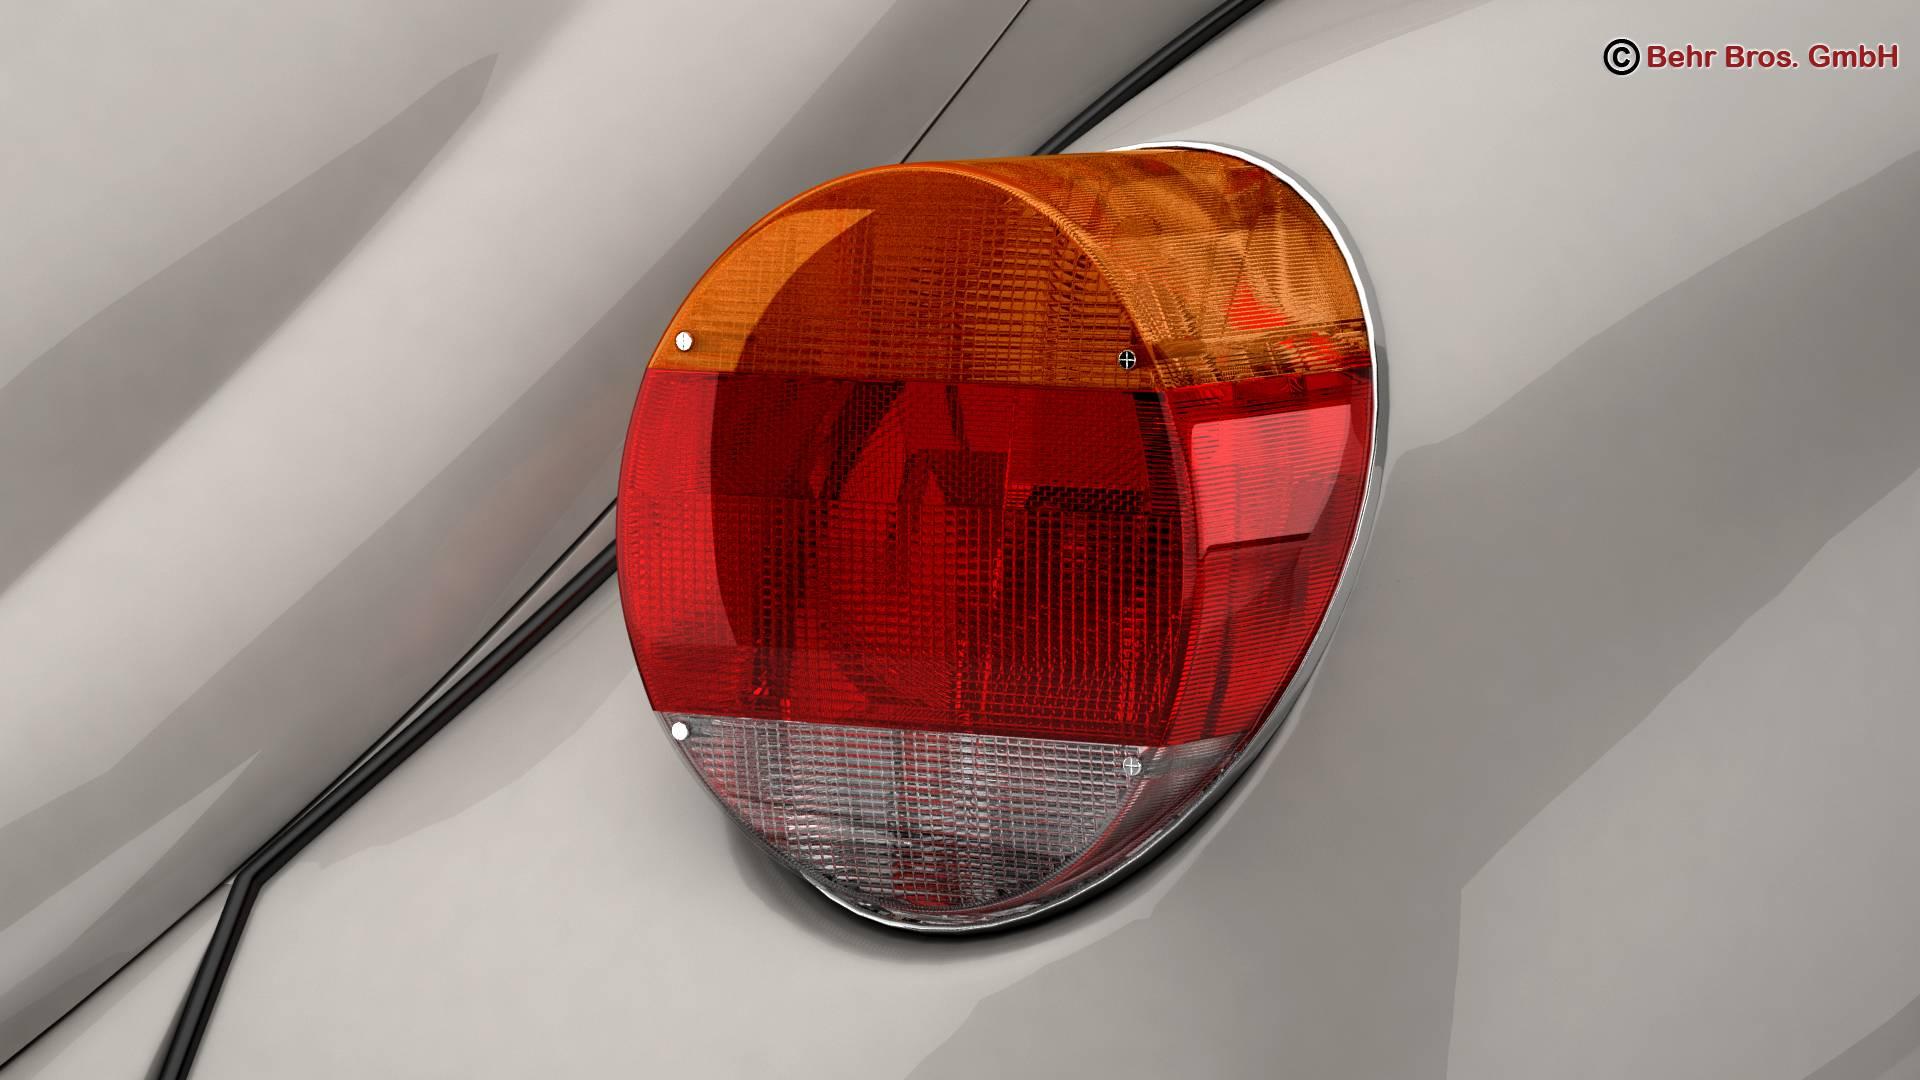 volkswagen beetle 2003 ultima edicion 3d model 3ds max fbx c4d lwo ma mb obj 220887